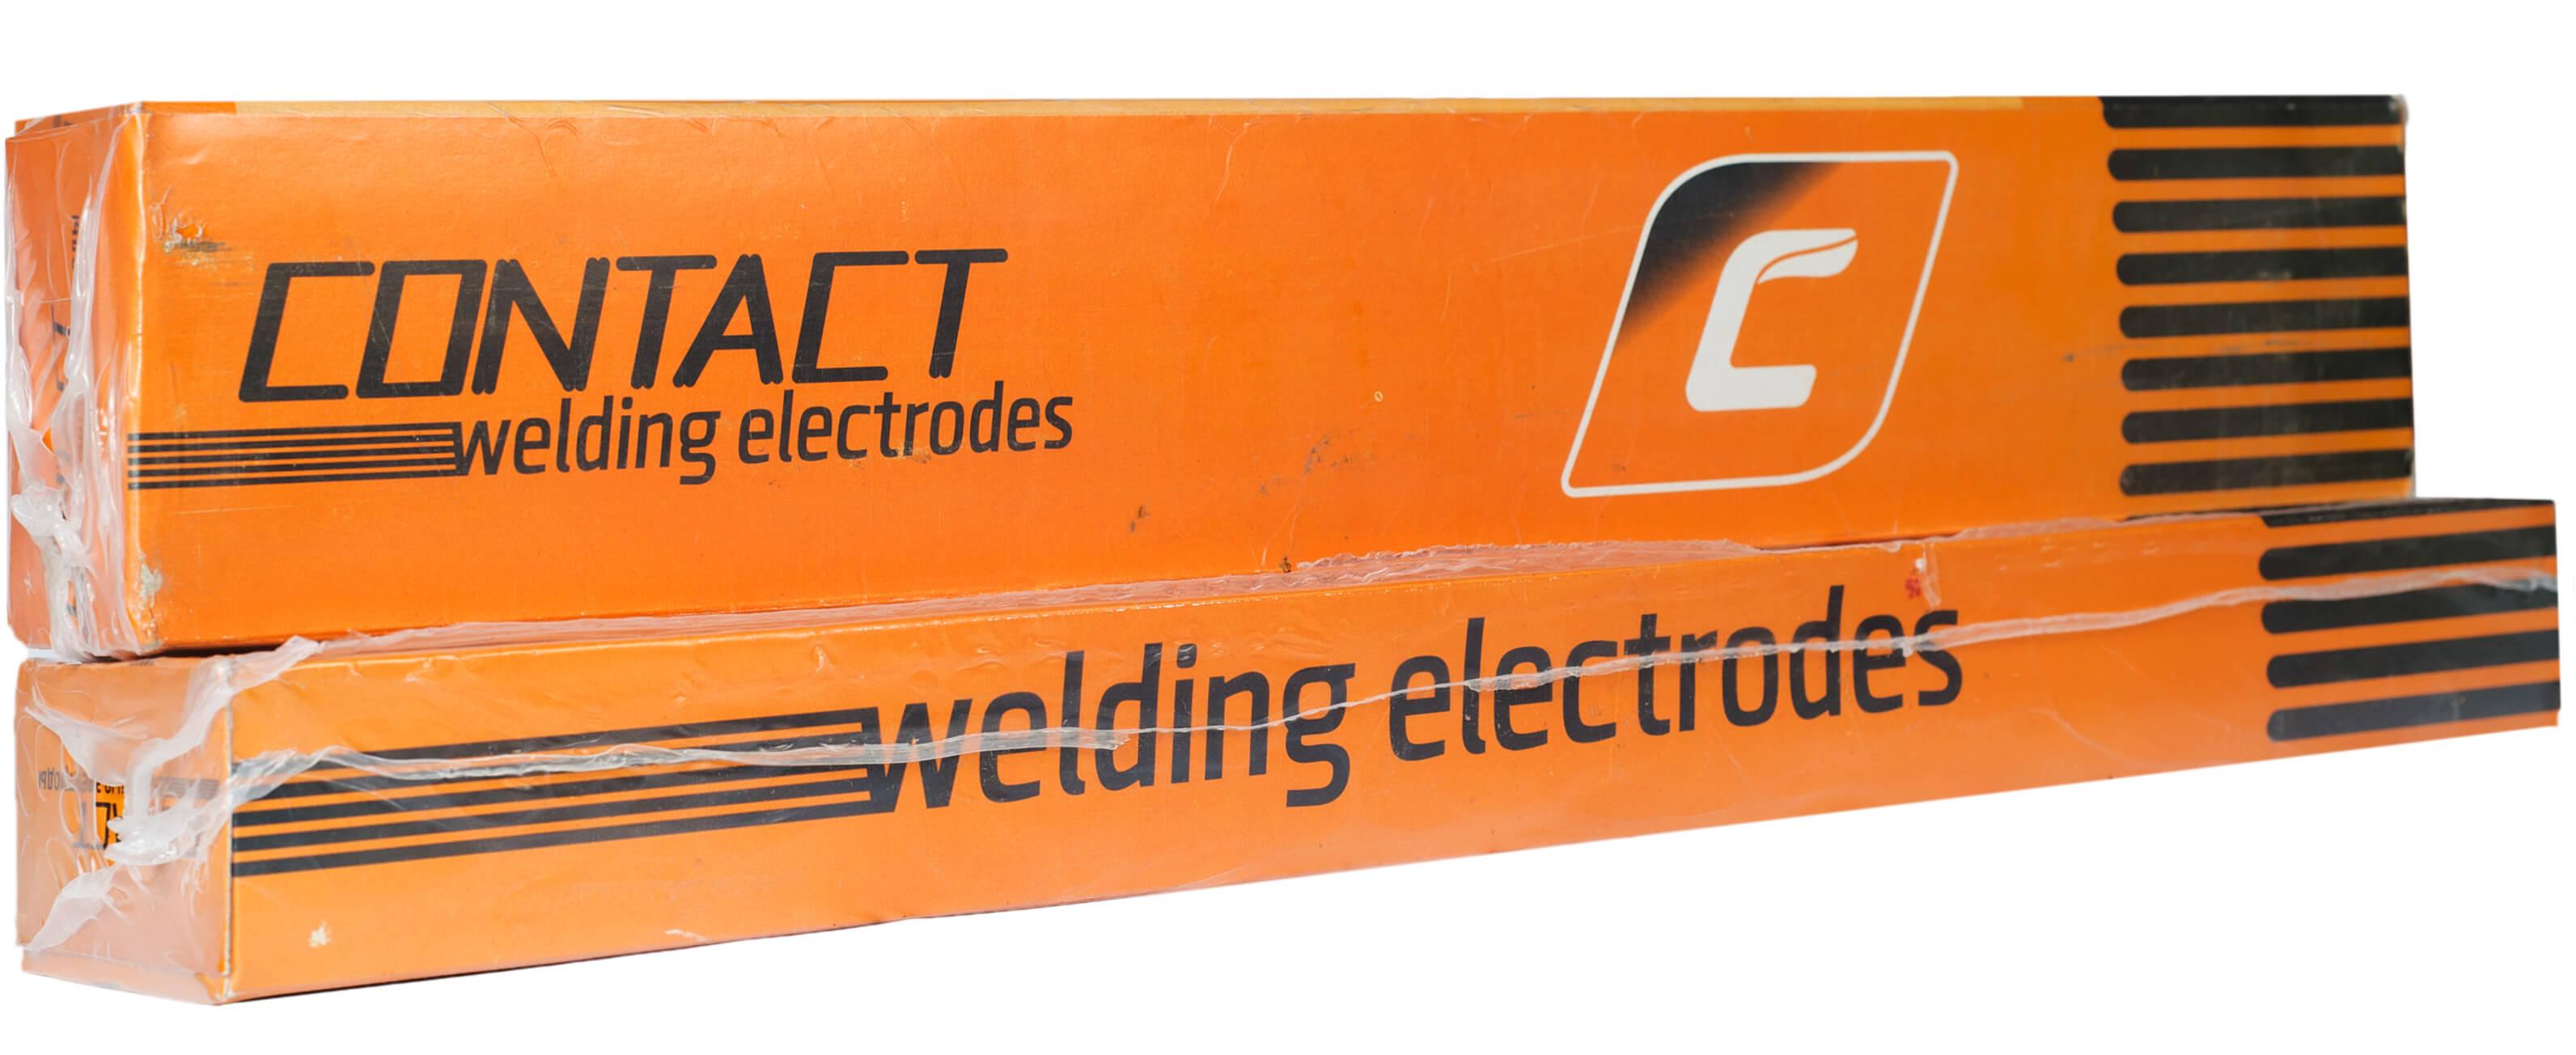 TM CONTACT Электроды для сварки высоколегированных сталей